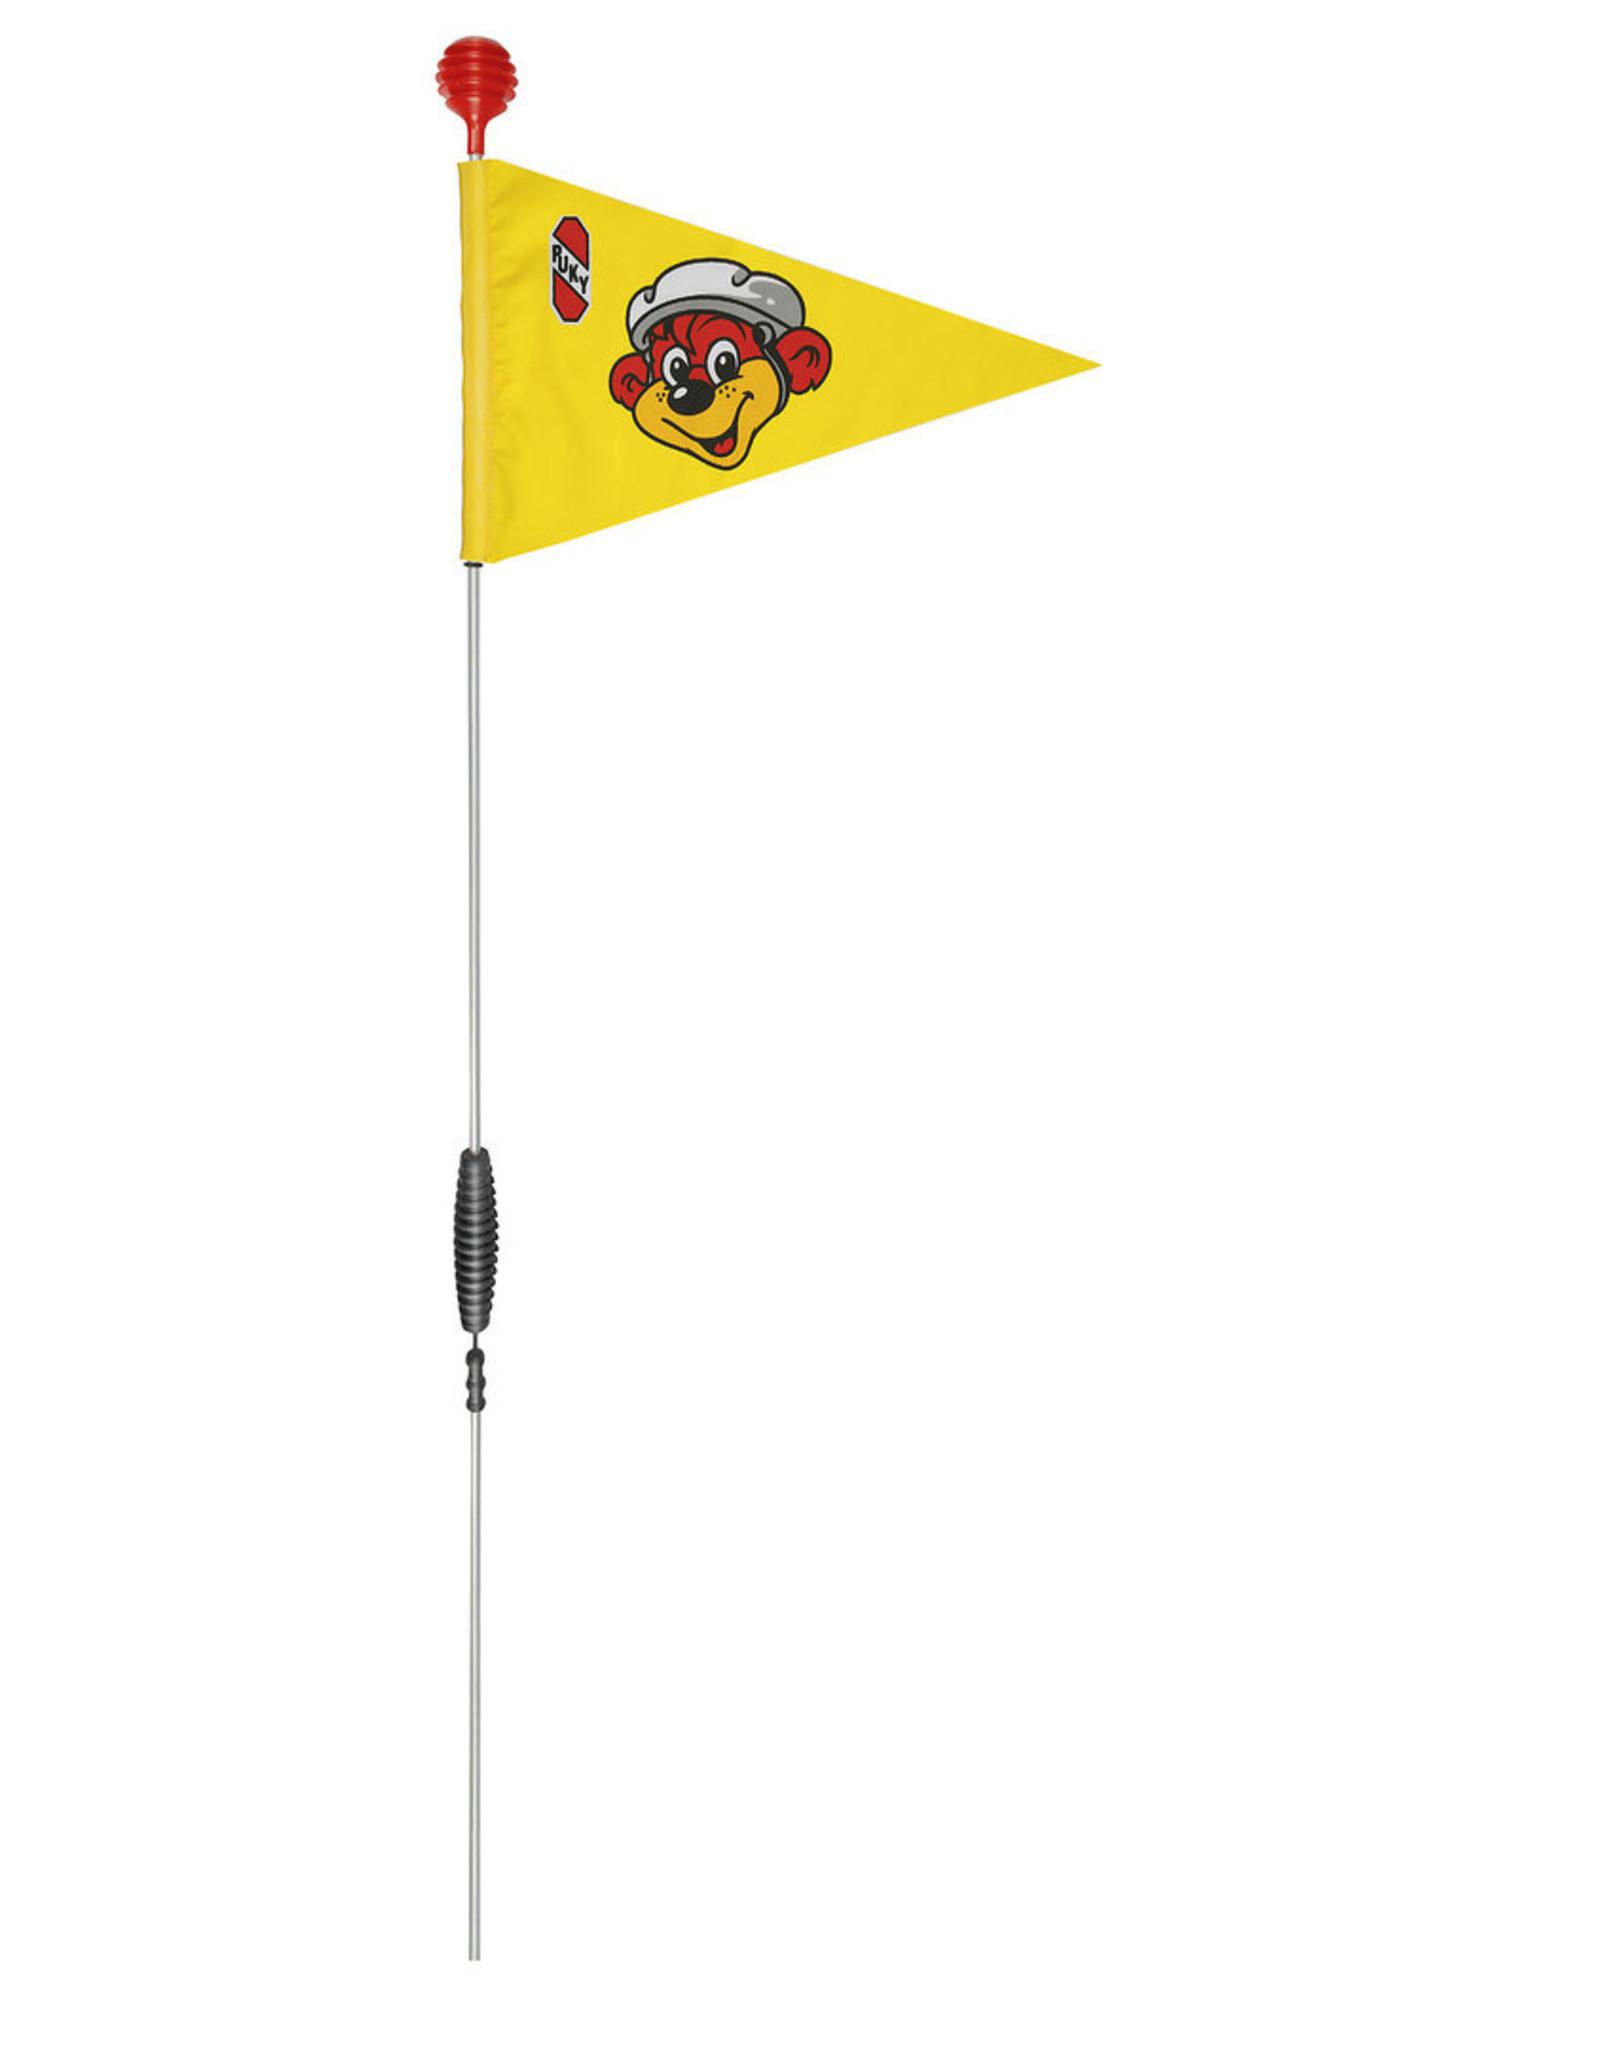 Puky Veiligheidsvlag SW3 geel - Altoys